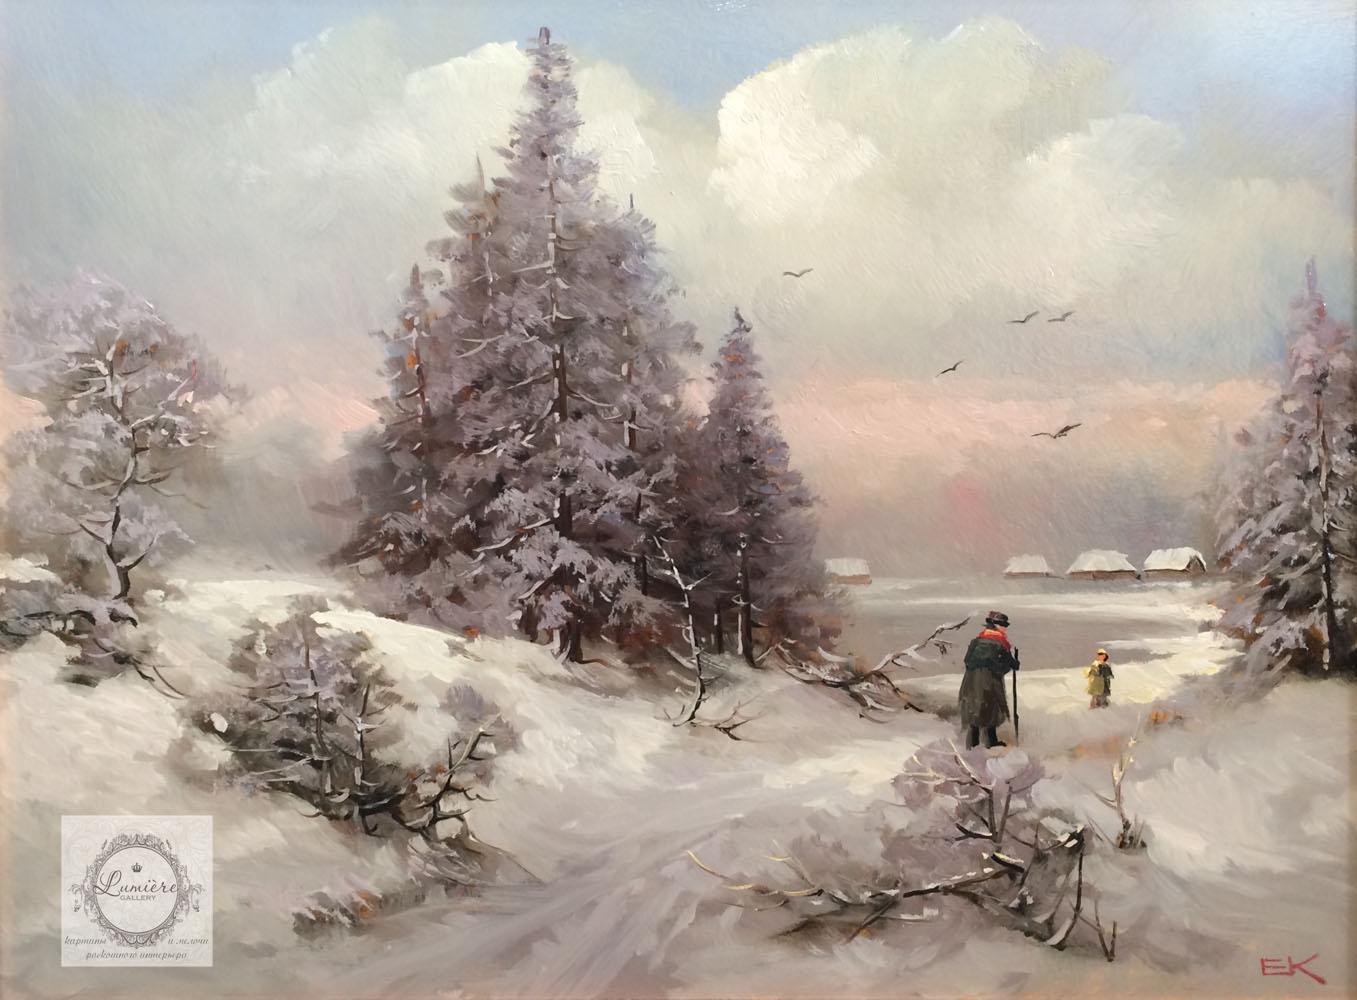 Евгений Каковкин - Зимний пейзаж 2 40х30 2015.jpg